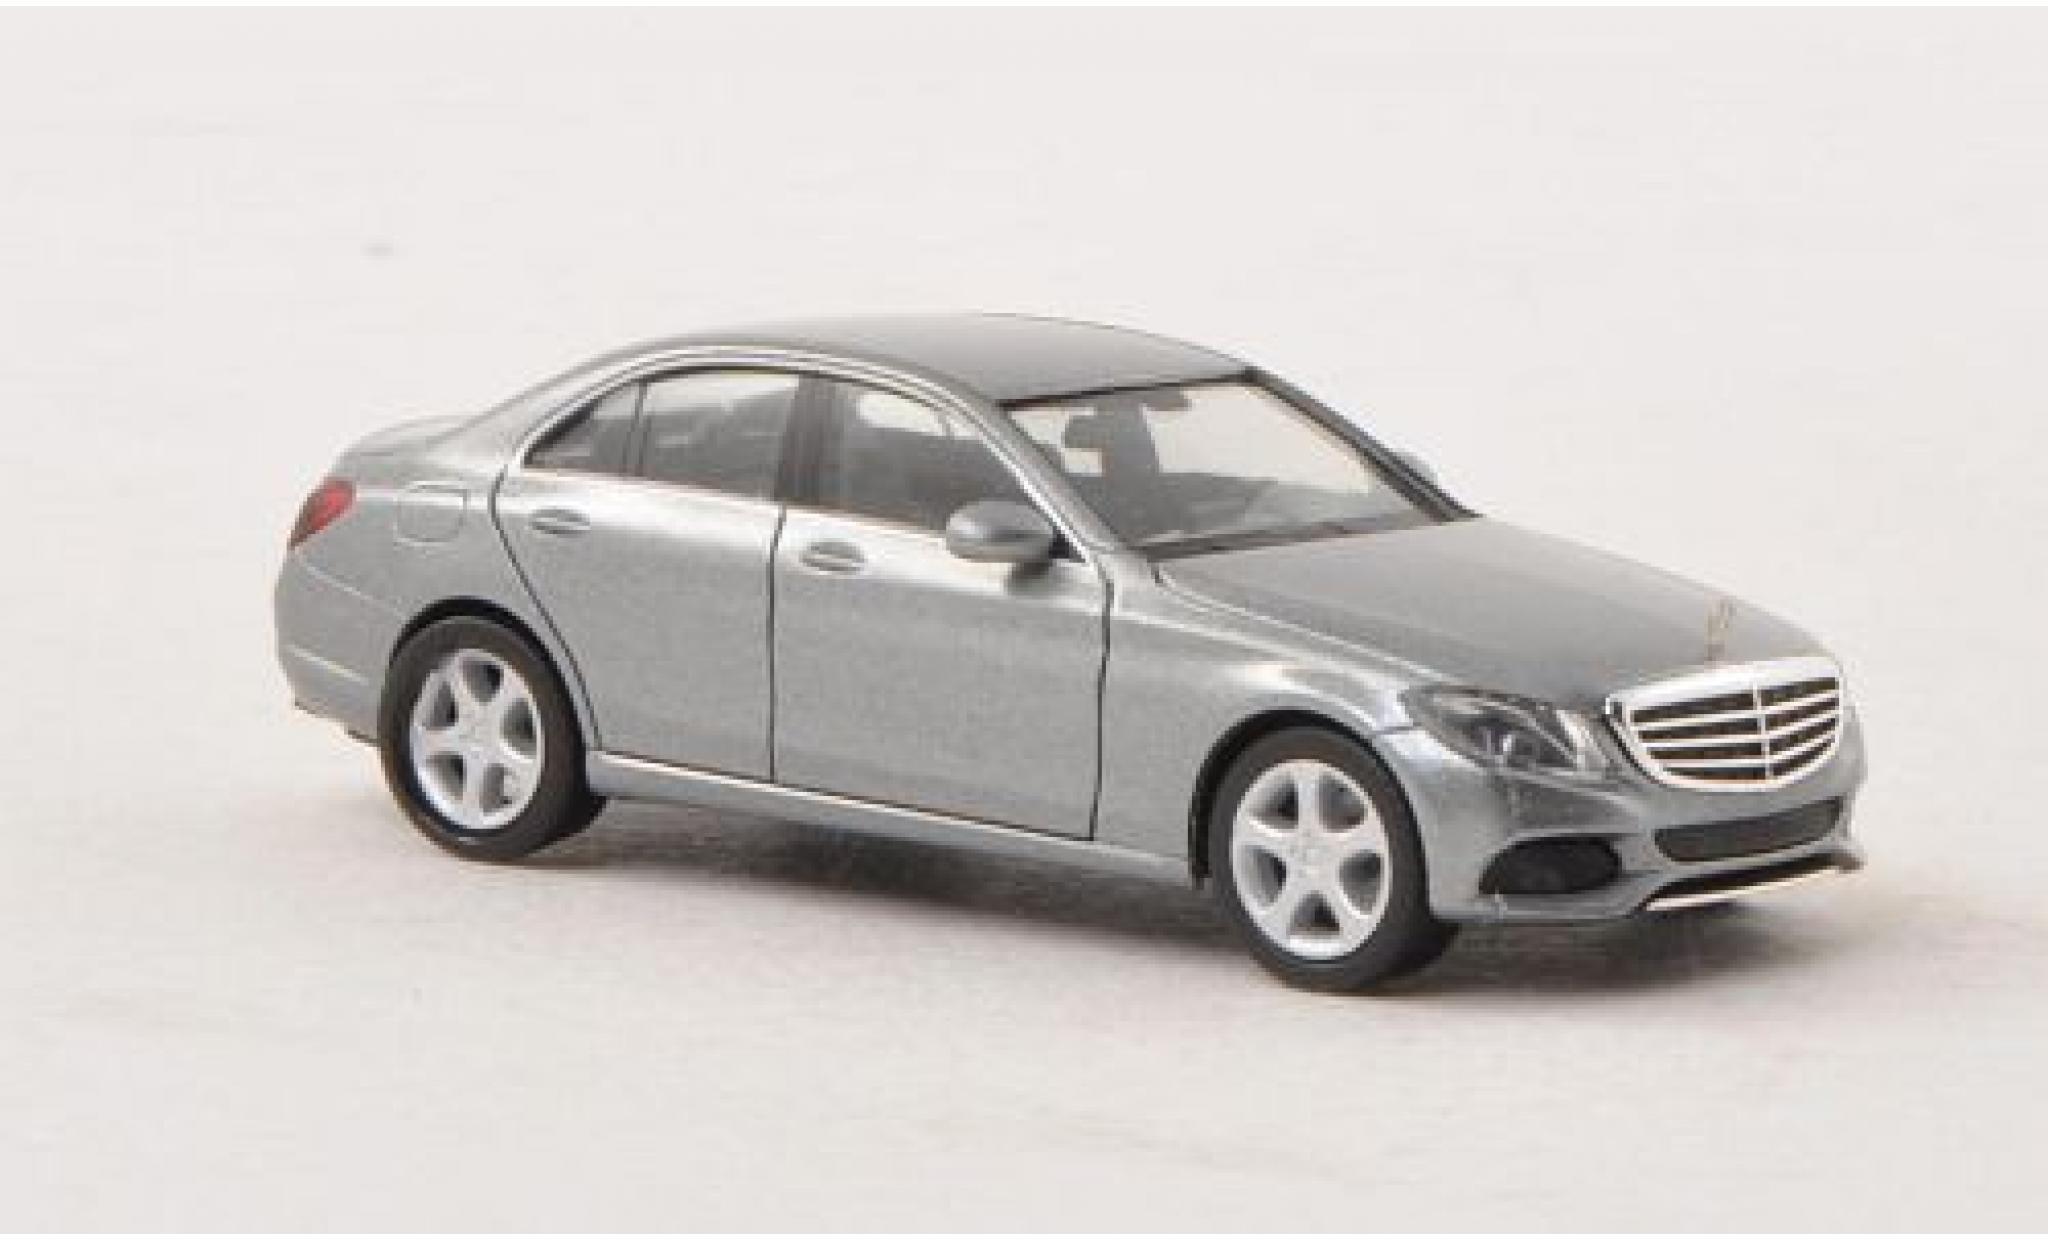 Mercedes Classe C 1/87 I Herpa (W205) metallise grise 2014